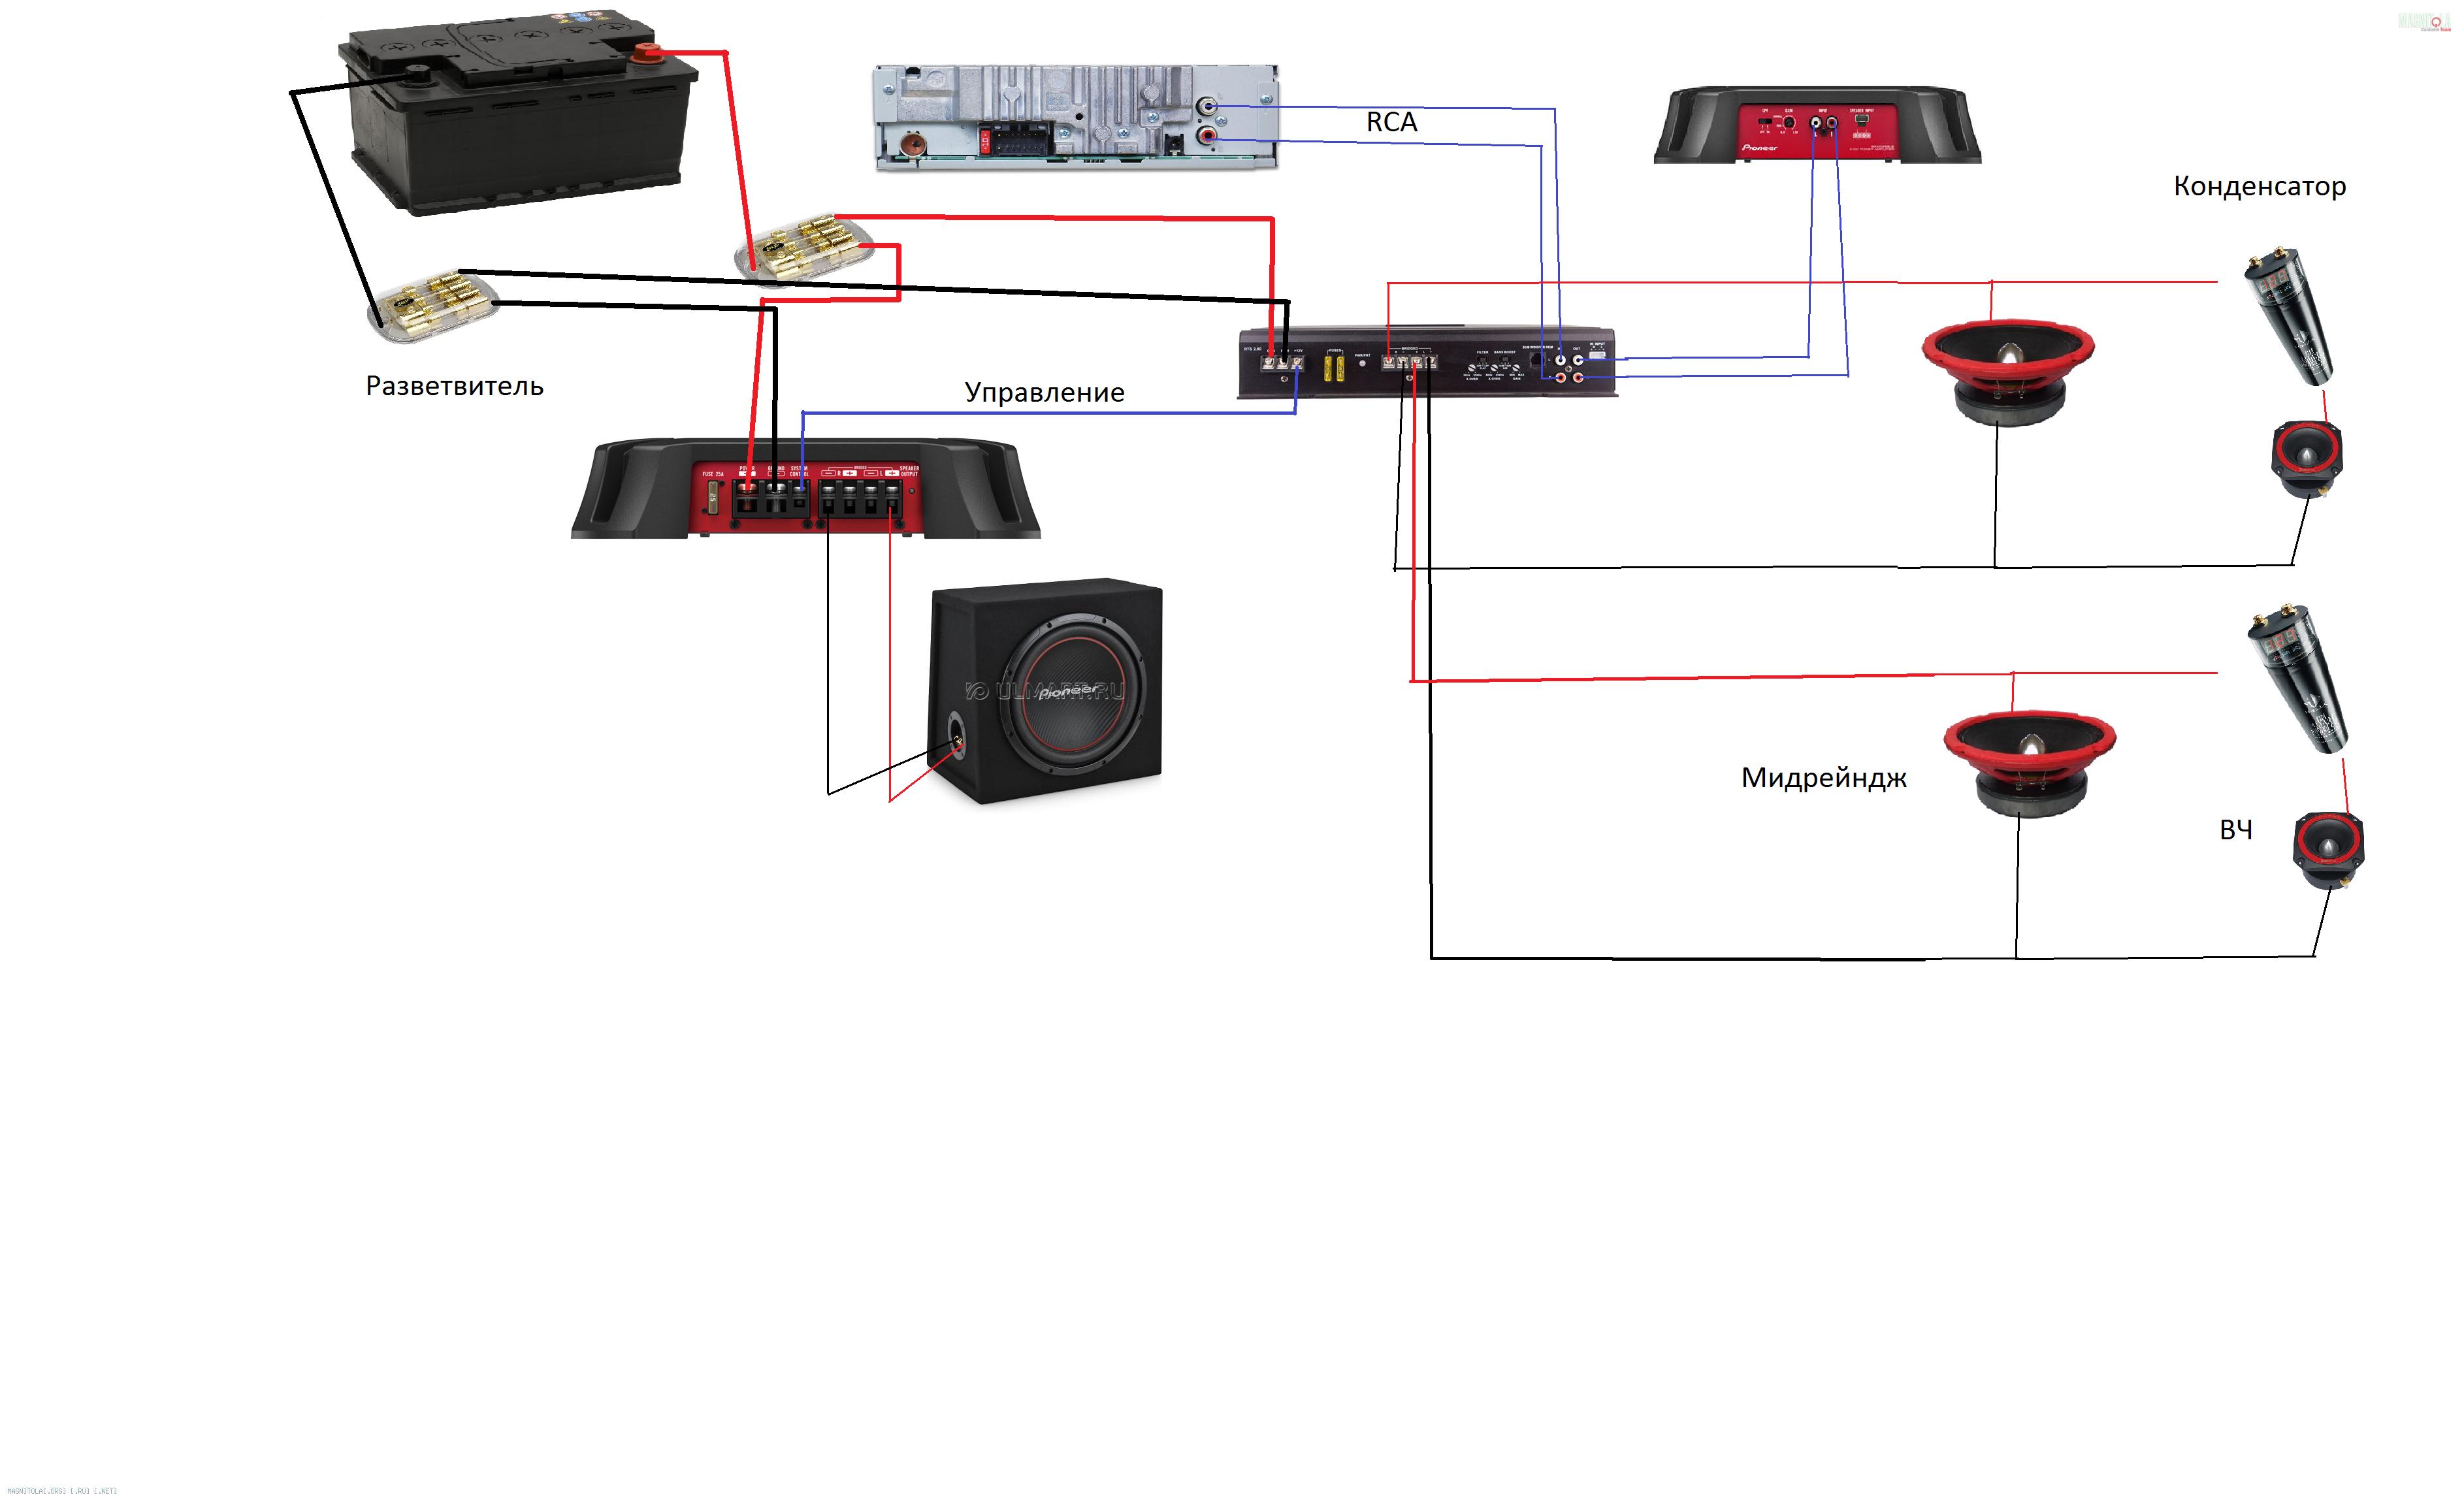 Схема подключения усилителя конденсатора и магнитолы